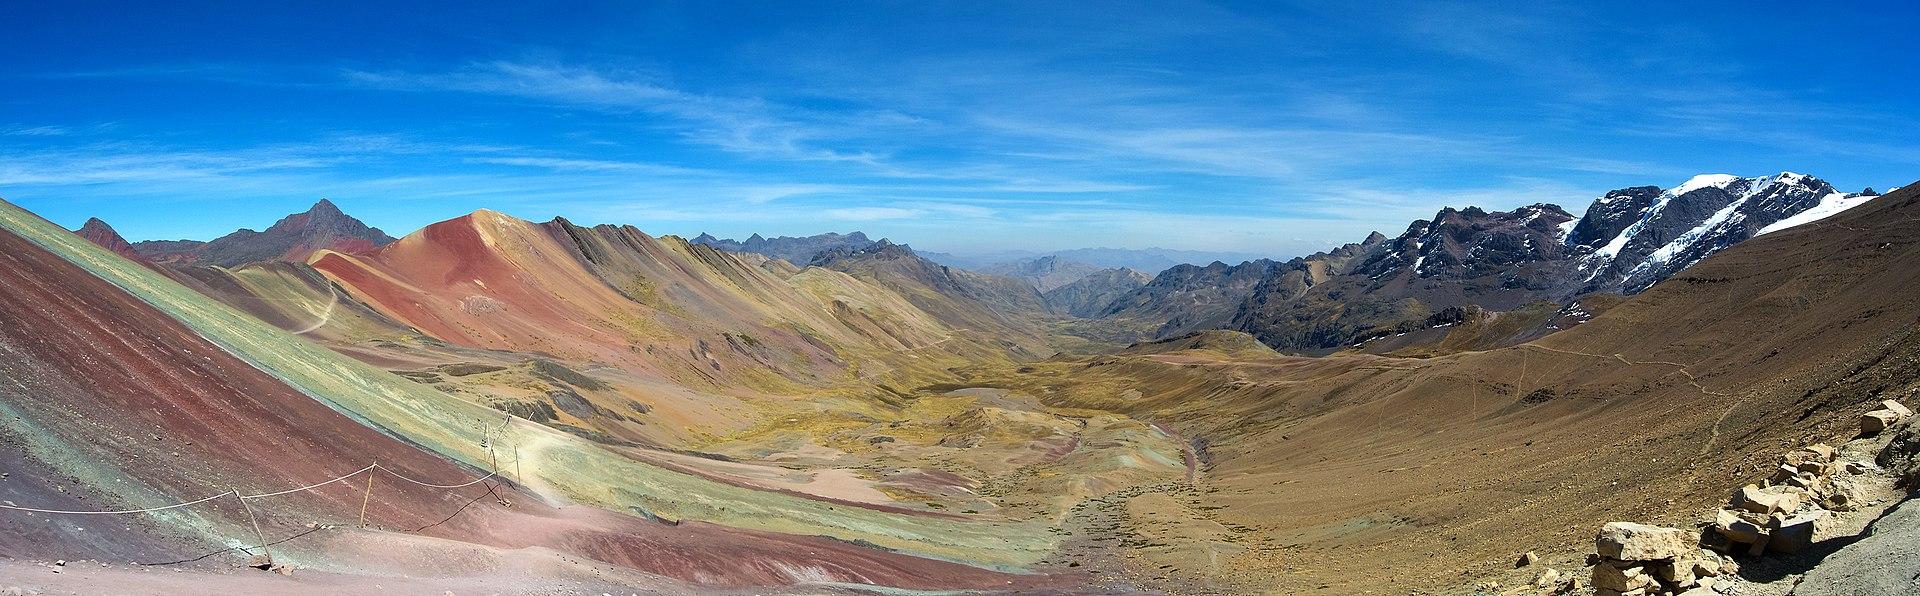 Vinincunca, Panorama de la montaña de los siete colores